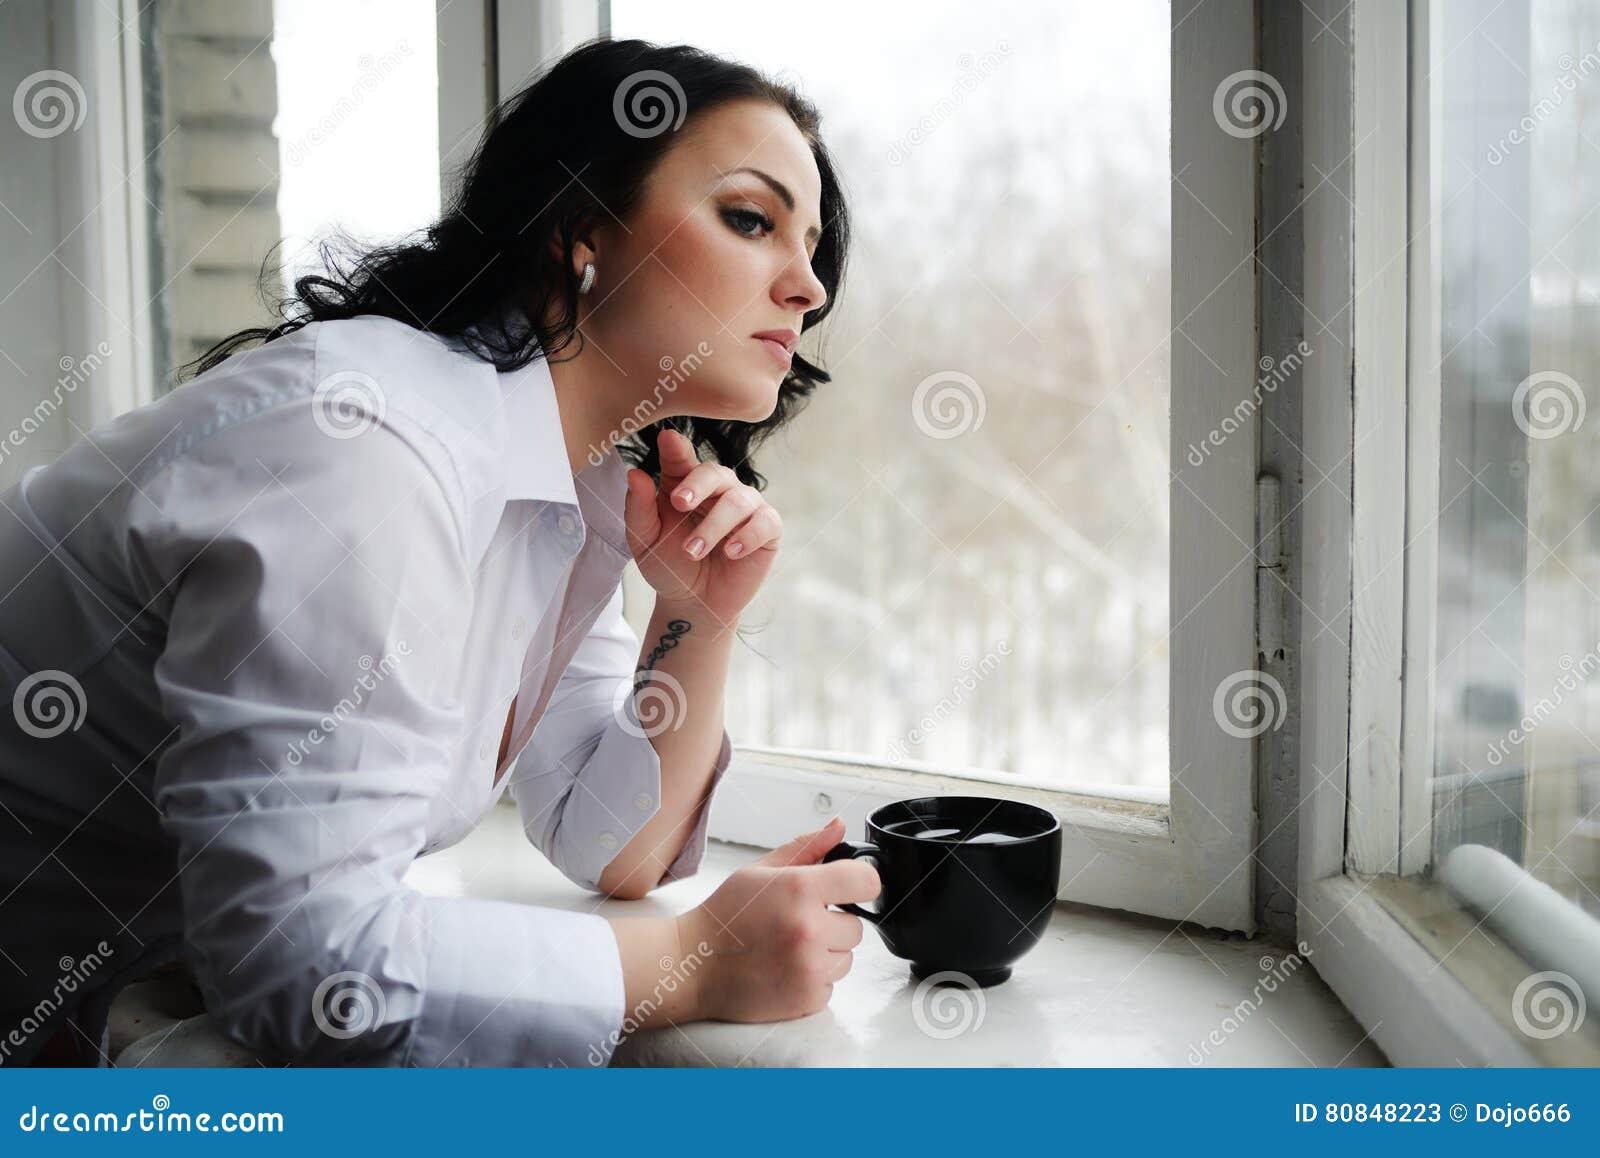 Фото красивая девуша смотряшая в окно фото 691-420